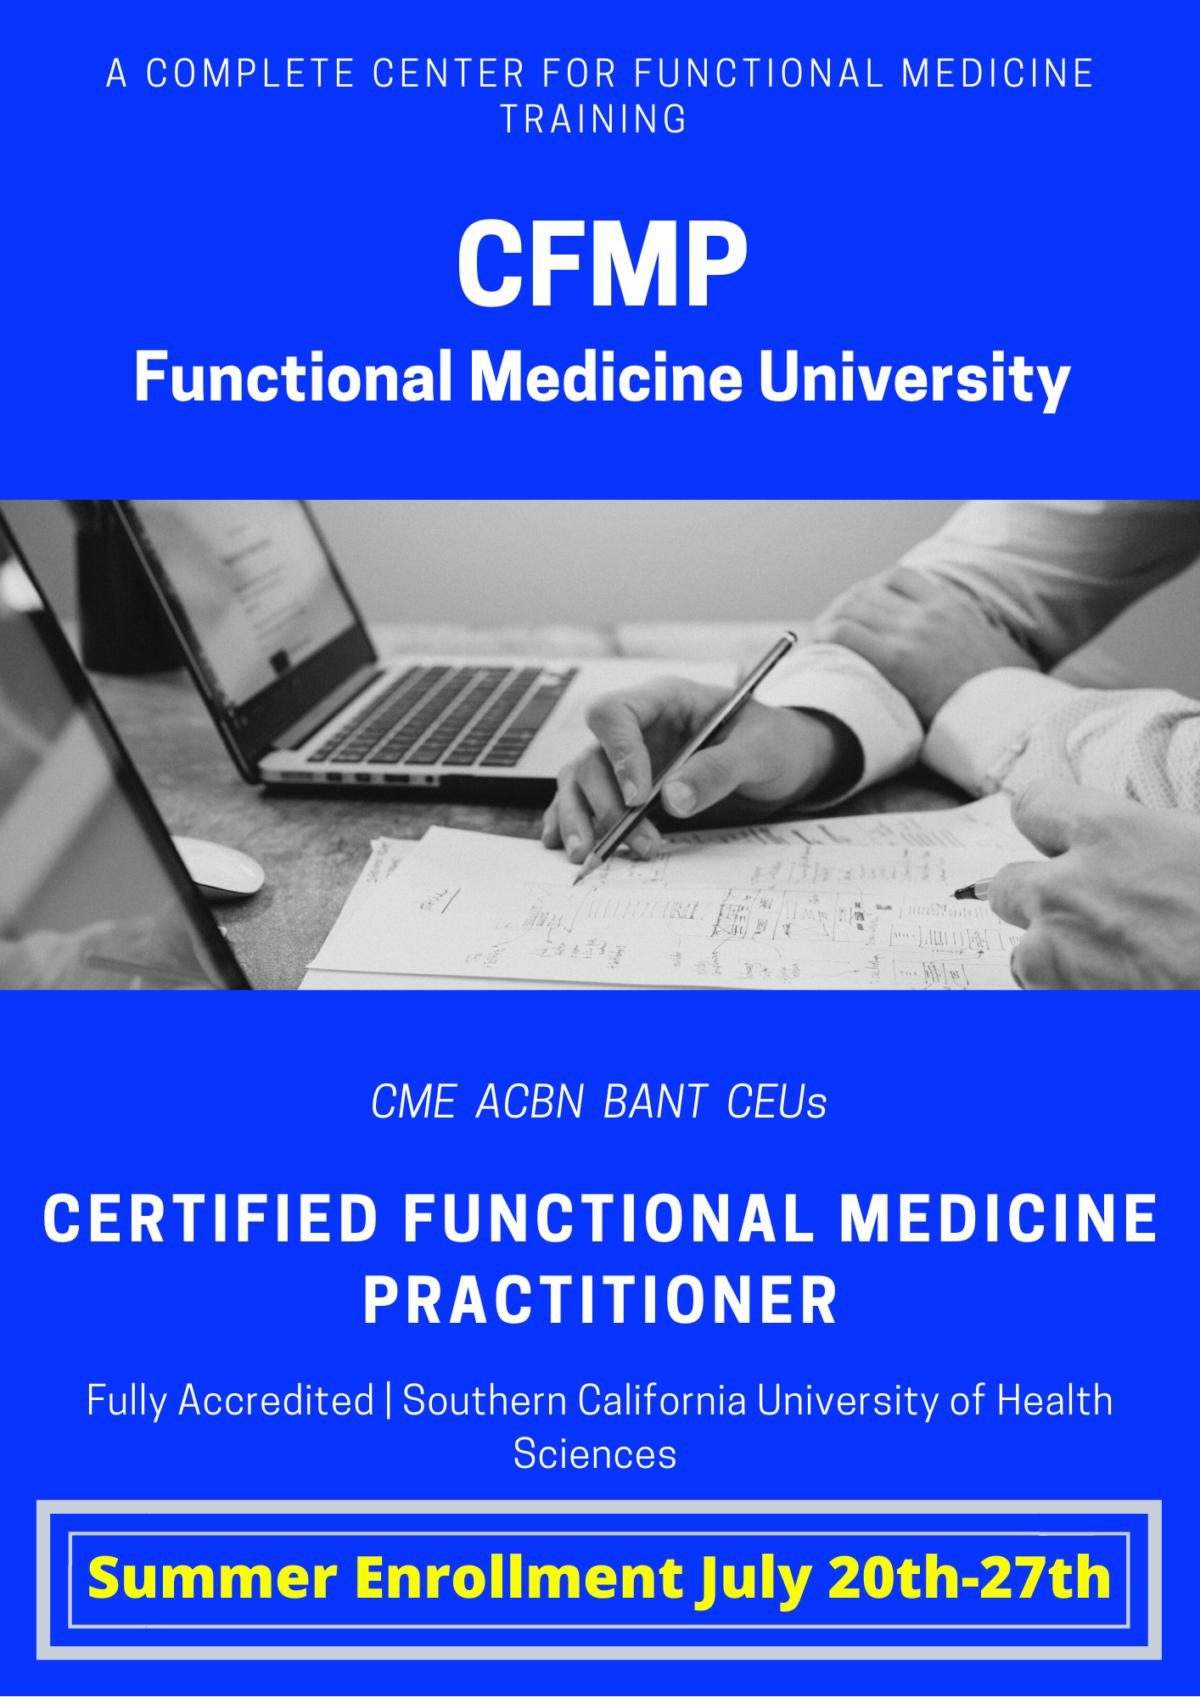 Functional Medicine University CFMP Summer Enrollment 2020